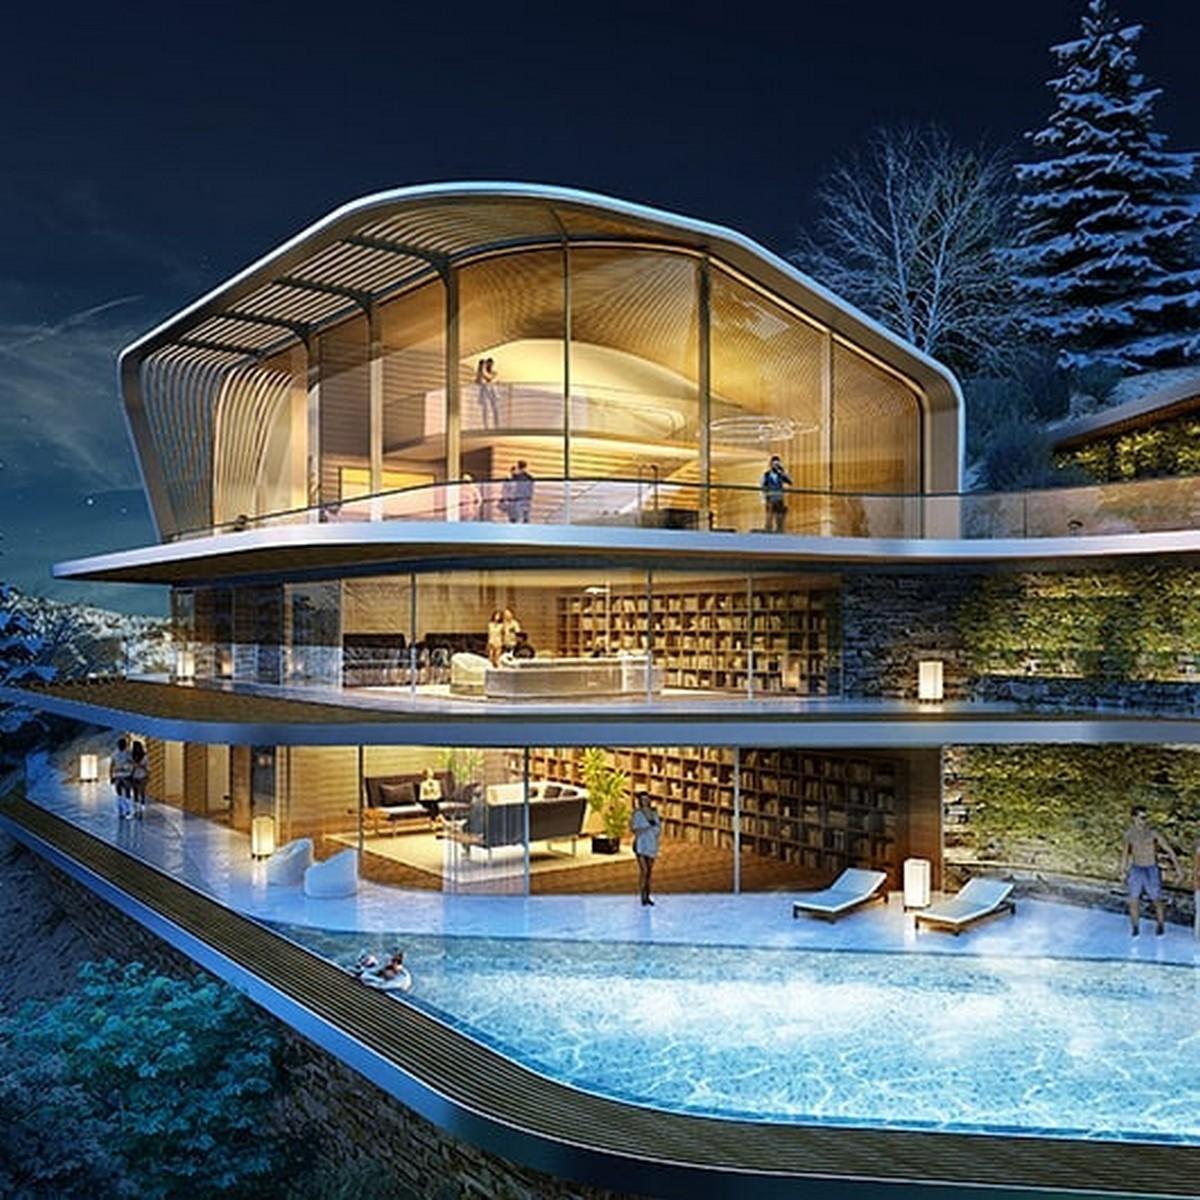 Top Arquitectura: Rafael de la Hoz crea espacios poderosos desde España top arquitectura Top Arquitectura: Rafael de la Hoz crea espacios poderosos desde España 38096748 220662495274269 1199559119955034112 n